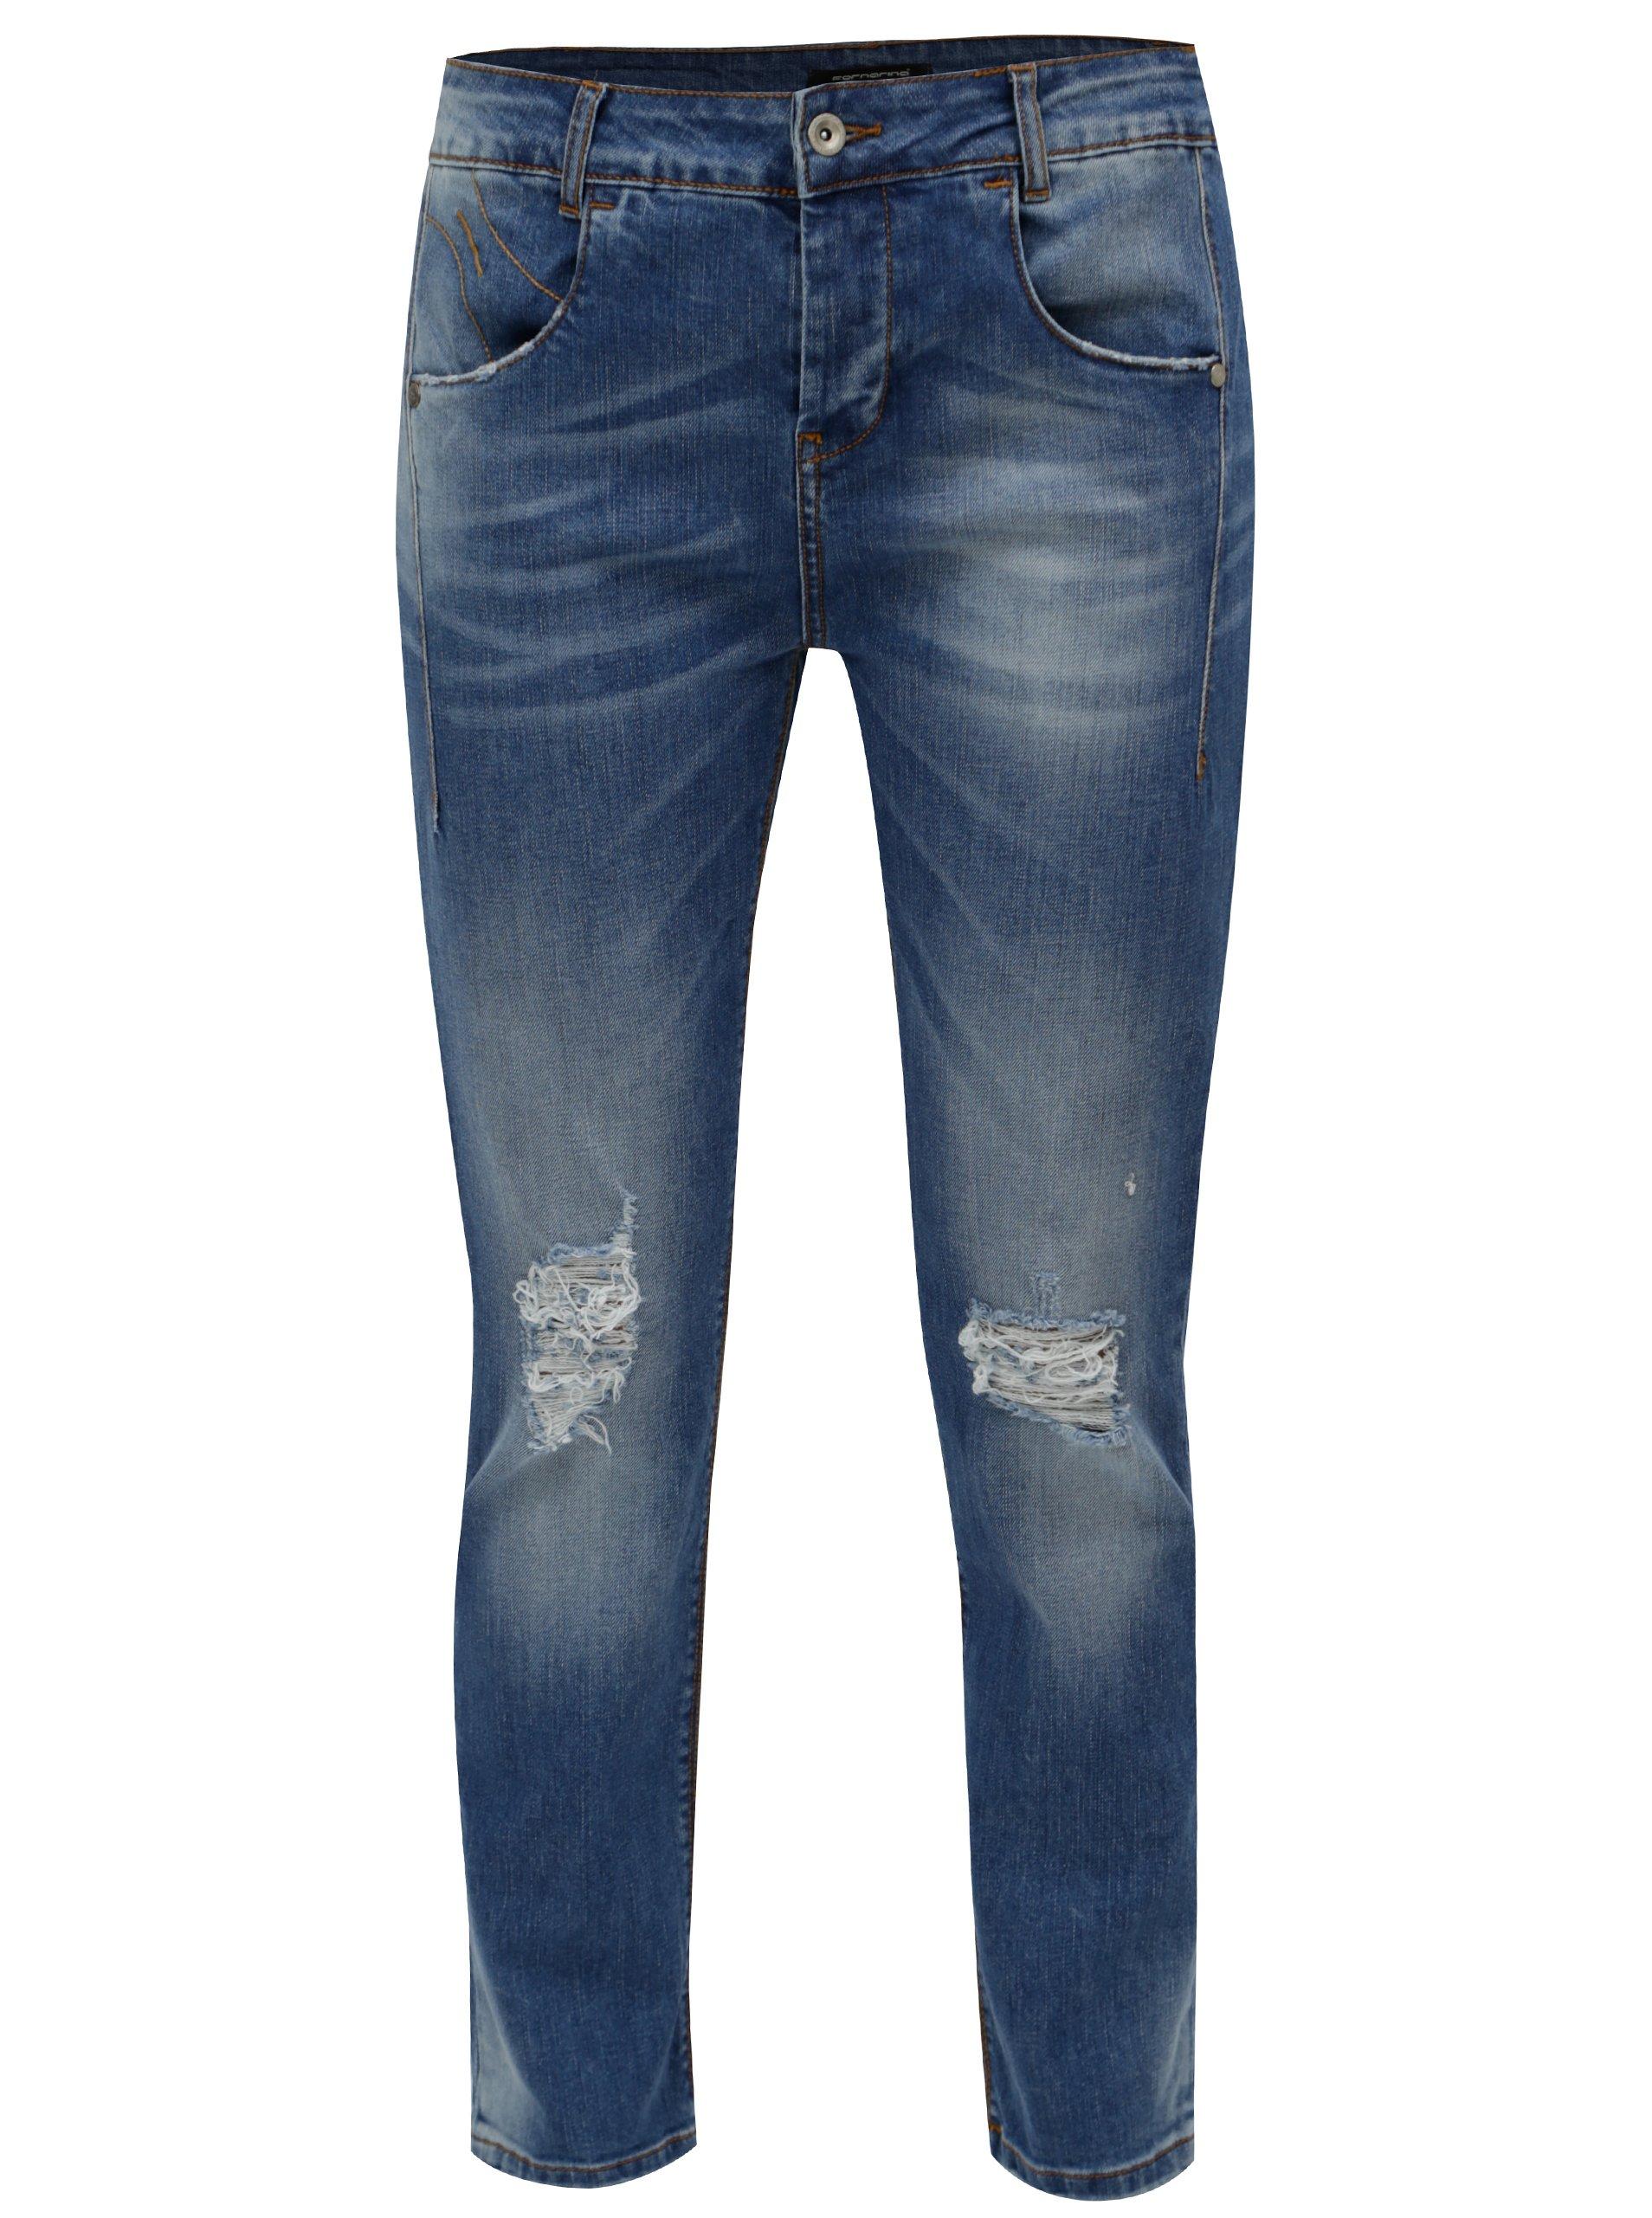 Modré zkrácené slim džíny s potrhaným efektem Fornarina Sampey 178422b3e0